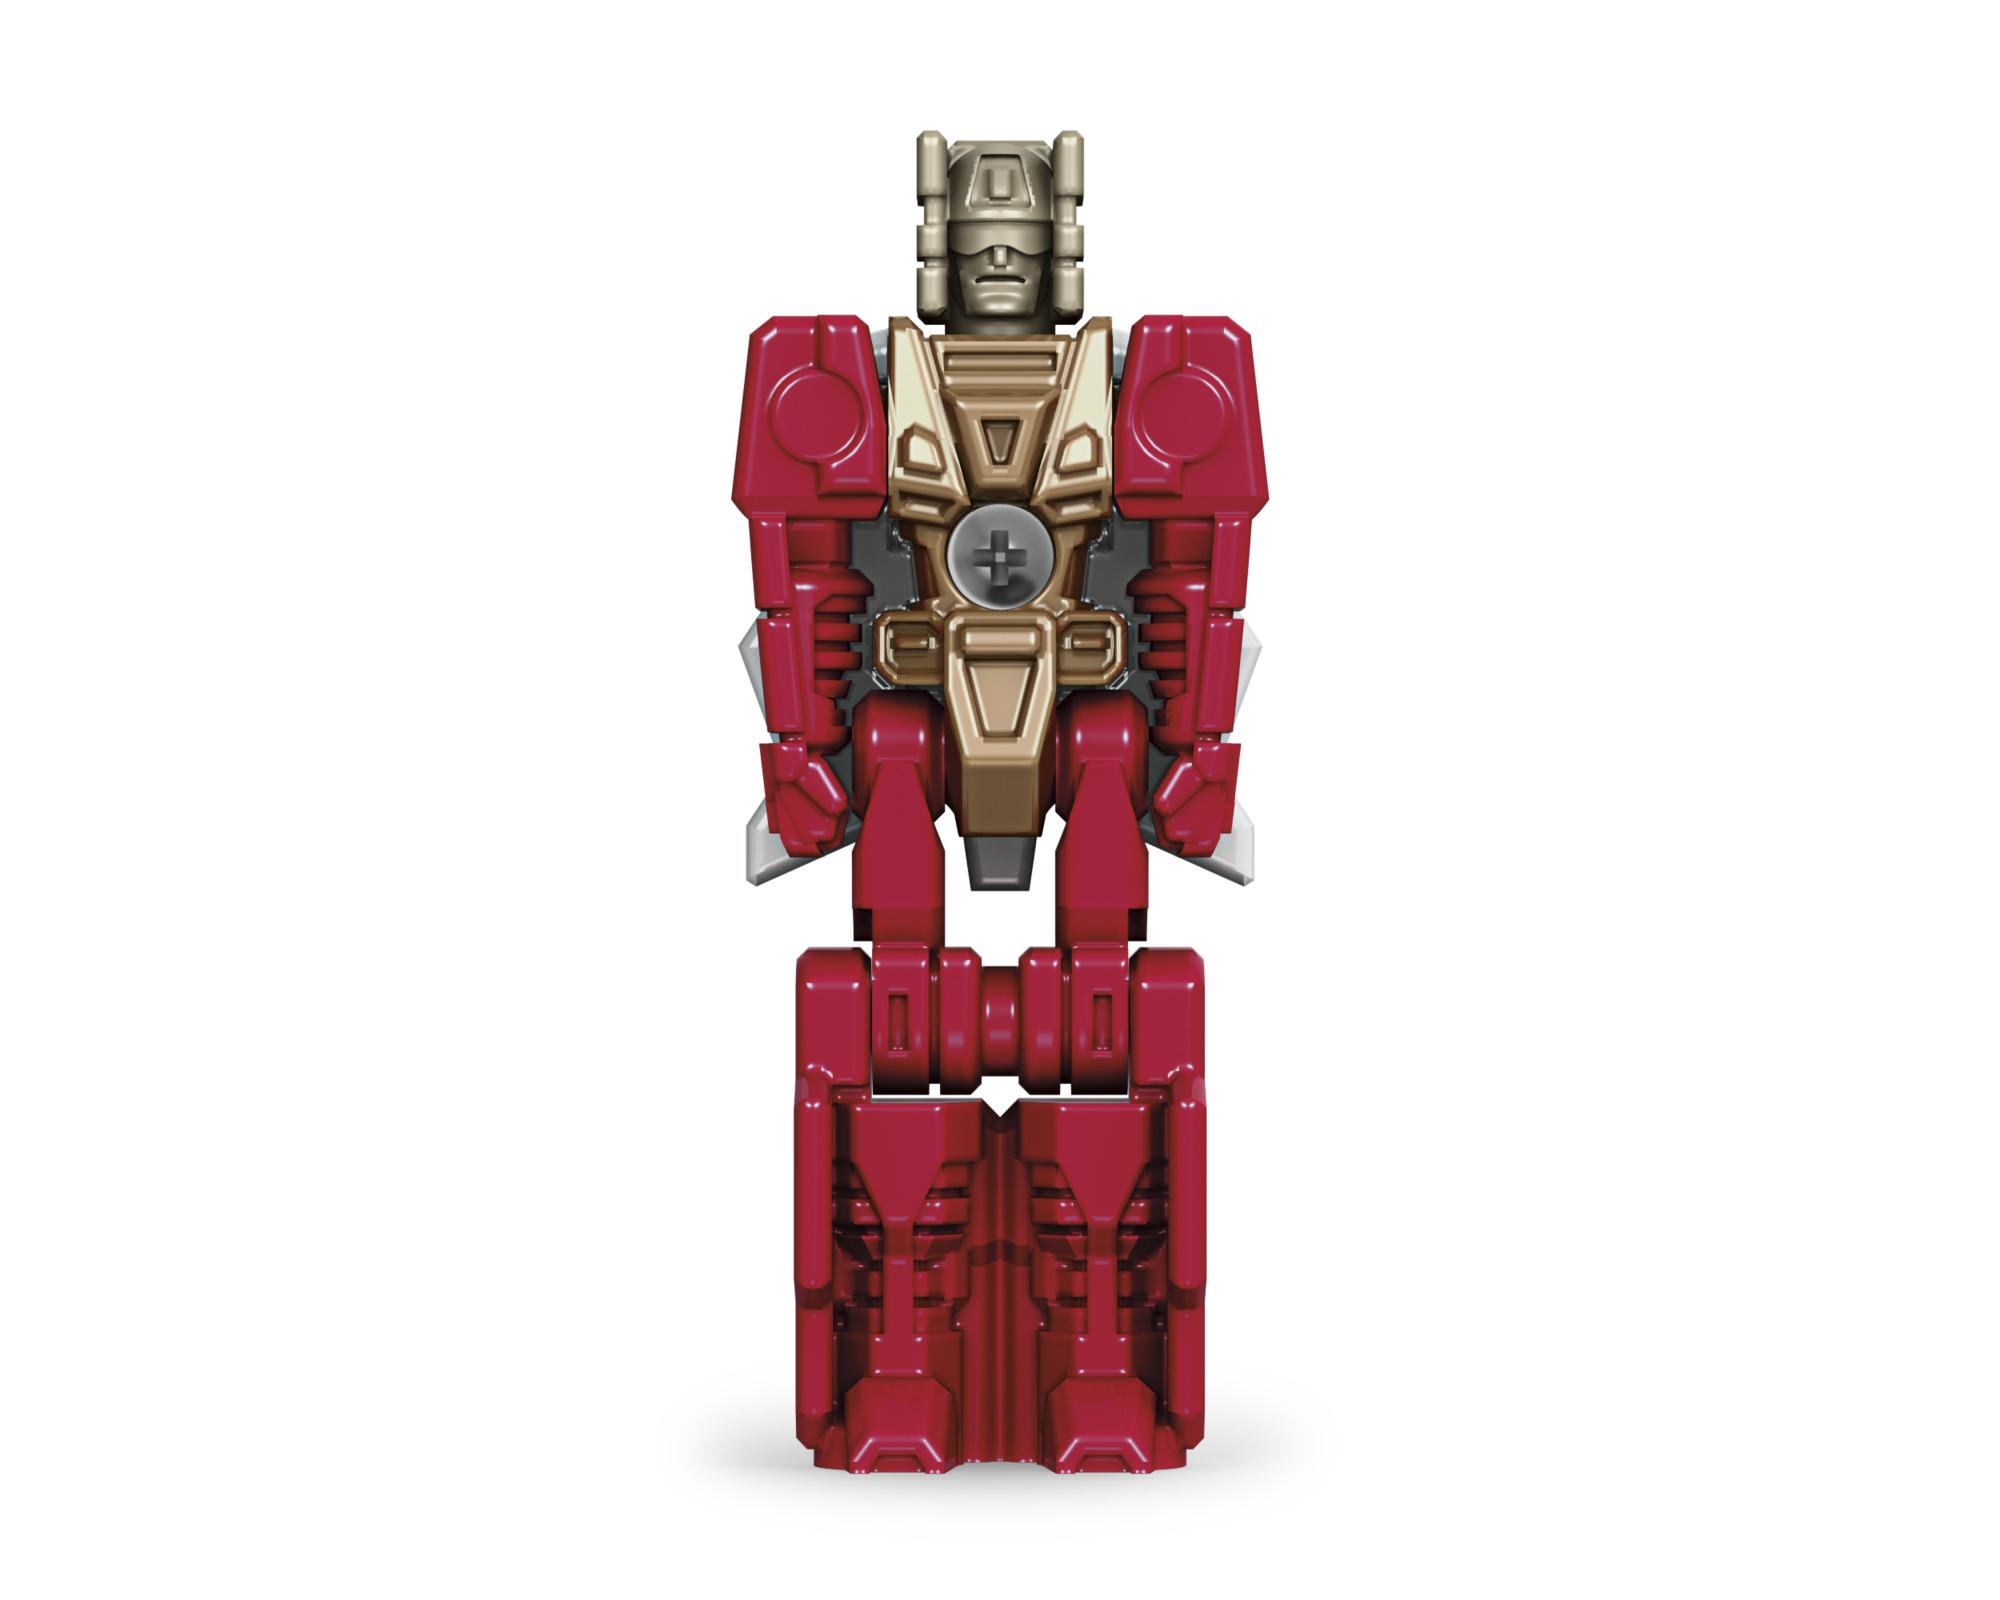 Chromedome Stylor Bot